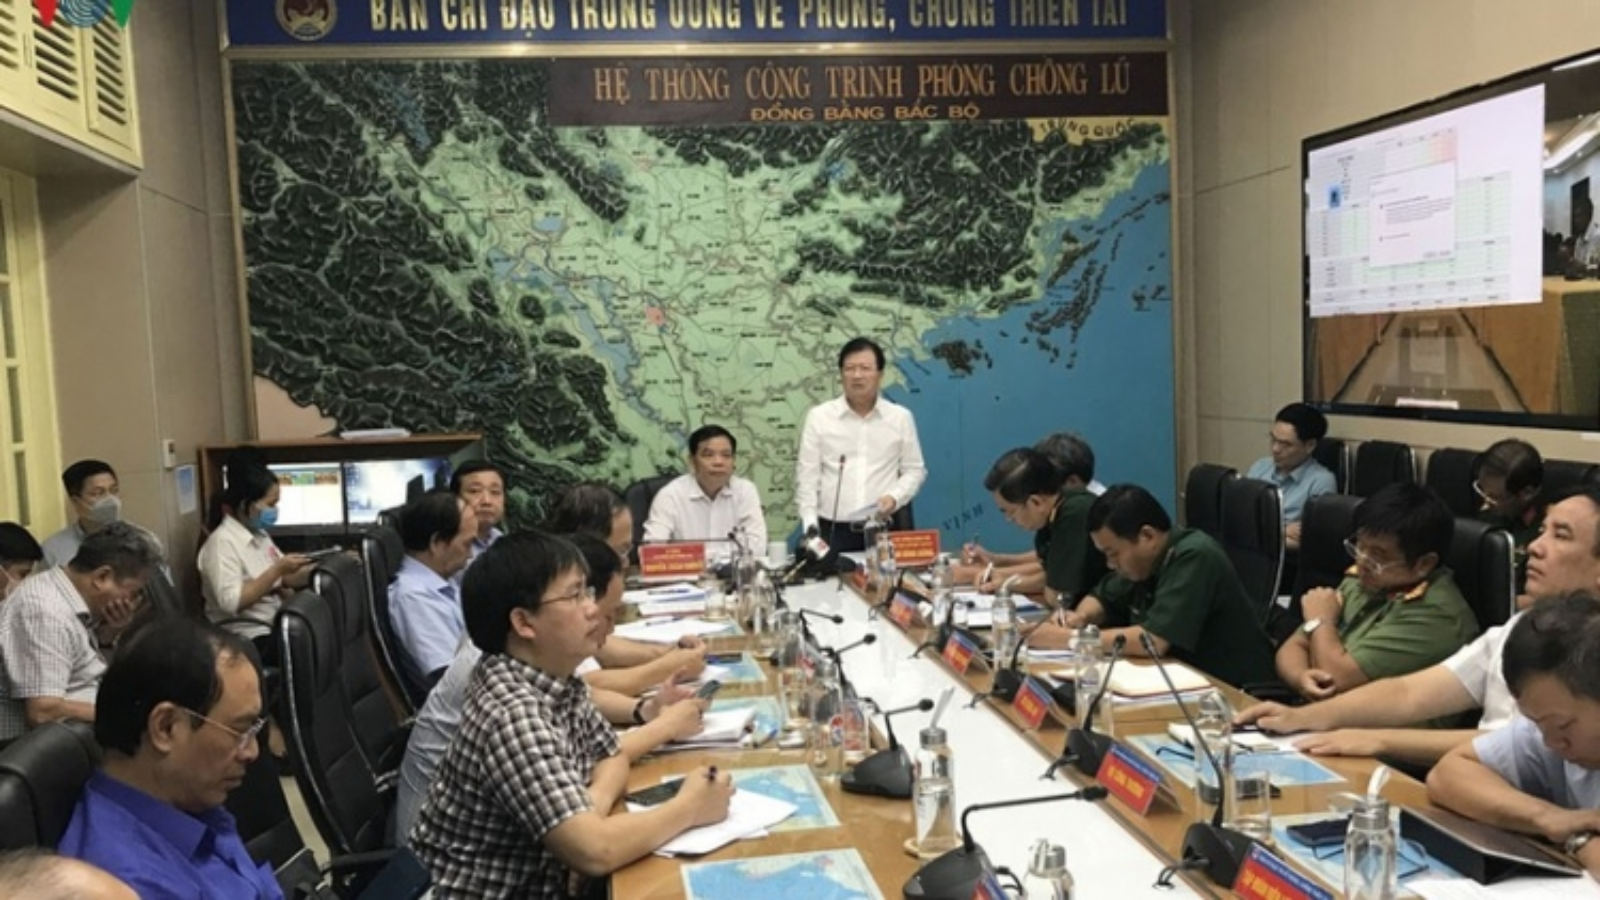 Phó Thủ tướng Trịnh Đình Dũng: Cần chủ động ứng phó nguy cơ sạt lở đất